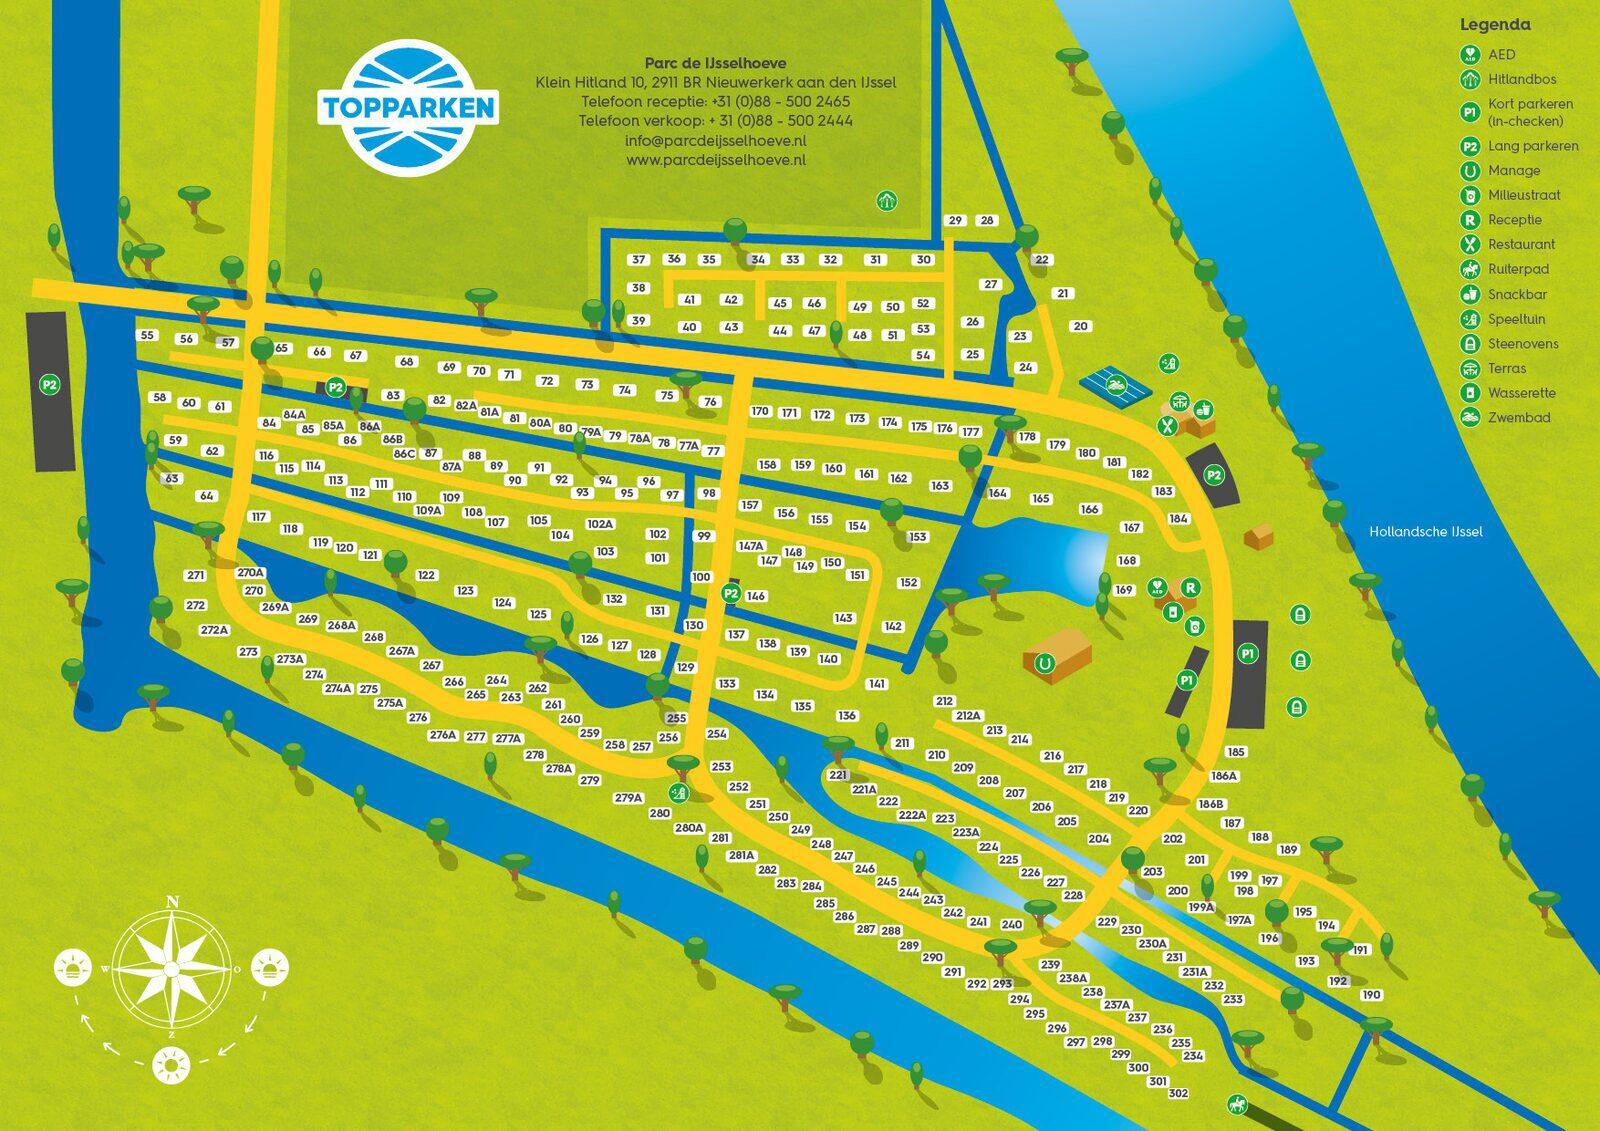 Park plattegrond Parc de IJsselhoeve